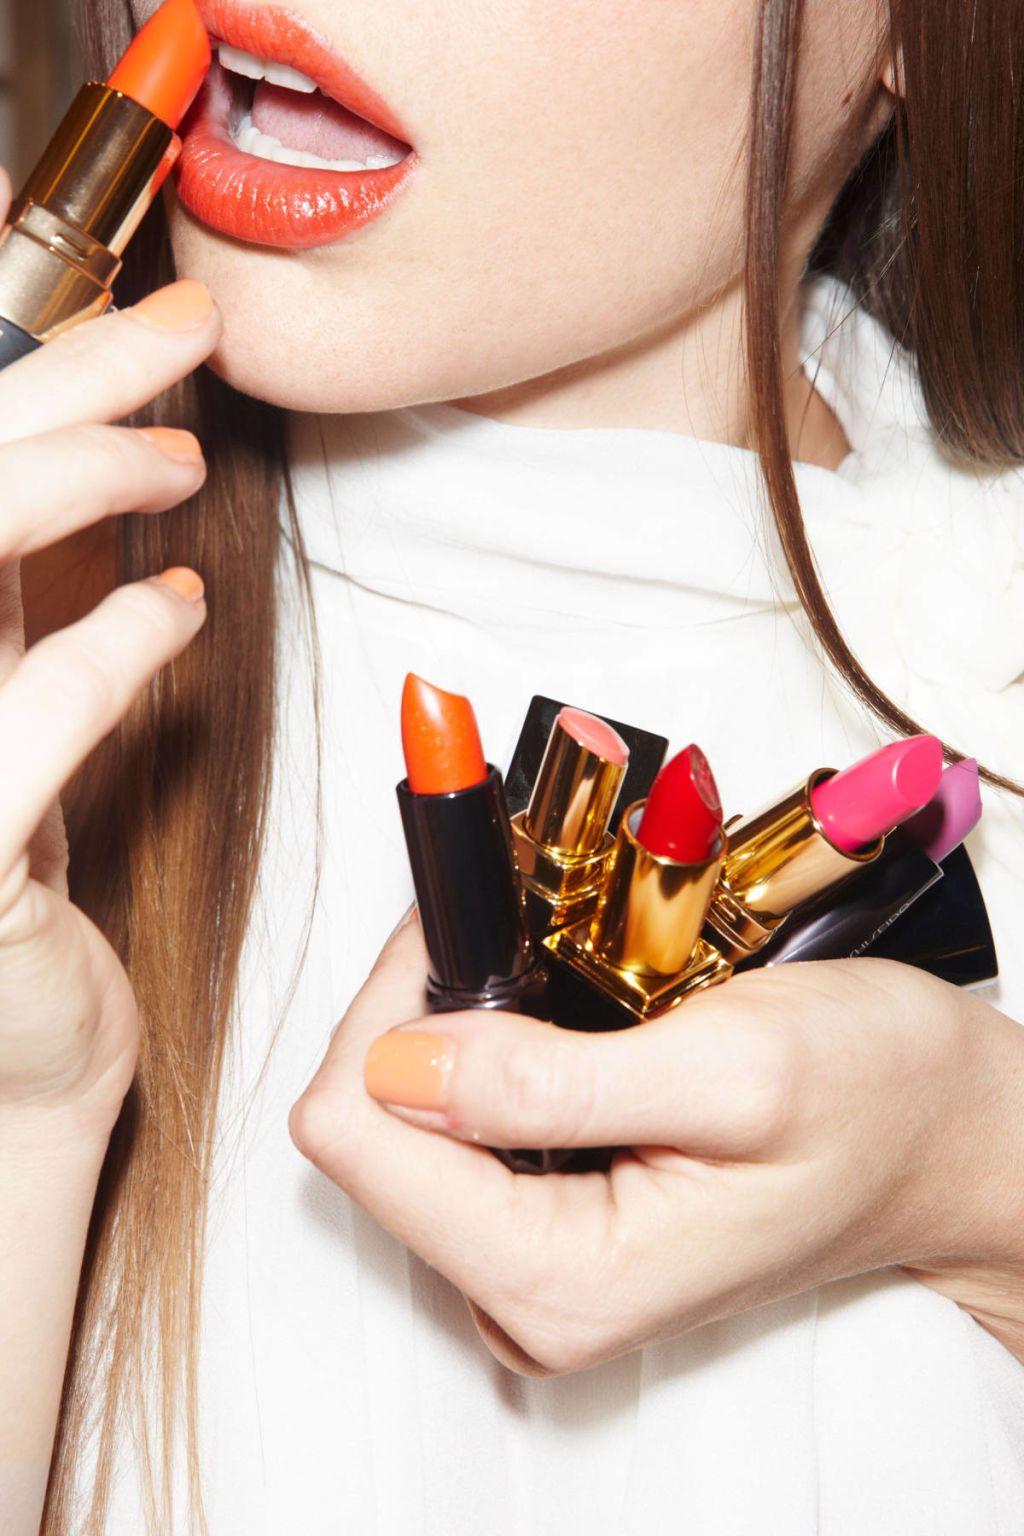 The 10 Best Lipsticks for Winter  - HarpersBAZAAR.com